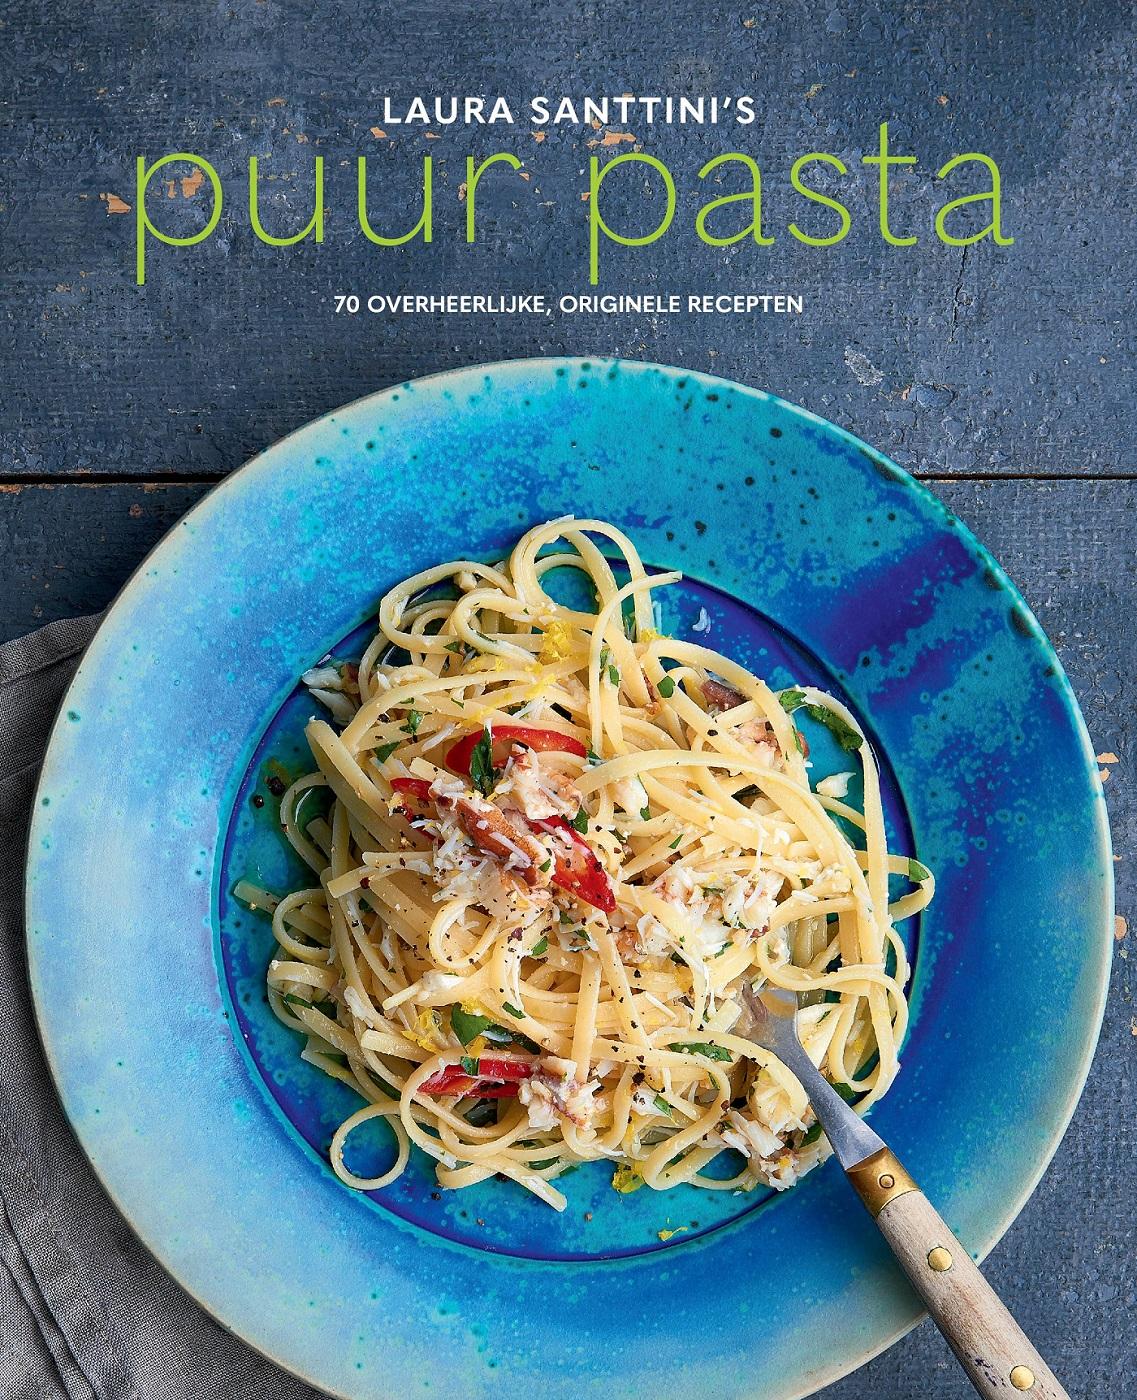 Puur pasta van Laura Santtini - Italiaans kookboek met authentieke recepten